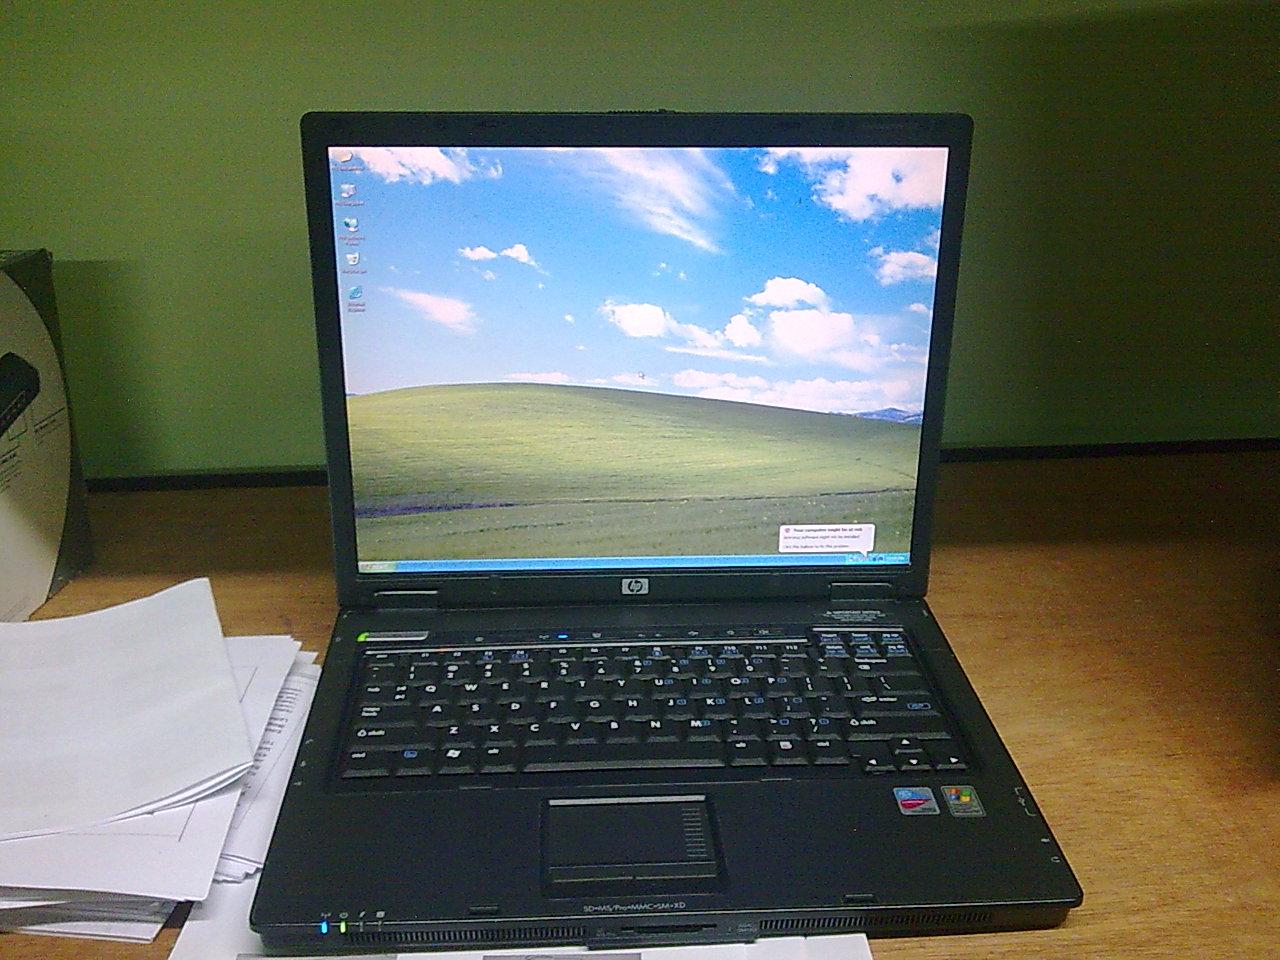 menjual laptop terpakai murah dalam malaysia!! Kami menwarkan khidmat membekal komputer terpakai, laptop, lcd monitor, pada harga yang murah. Stor kami di Batu 8 1/2 Jalan Bernam, Tanjong Karang Selangor.